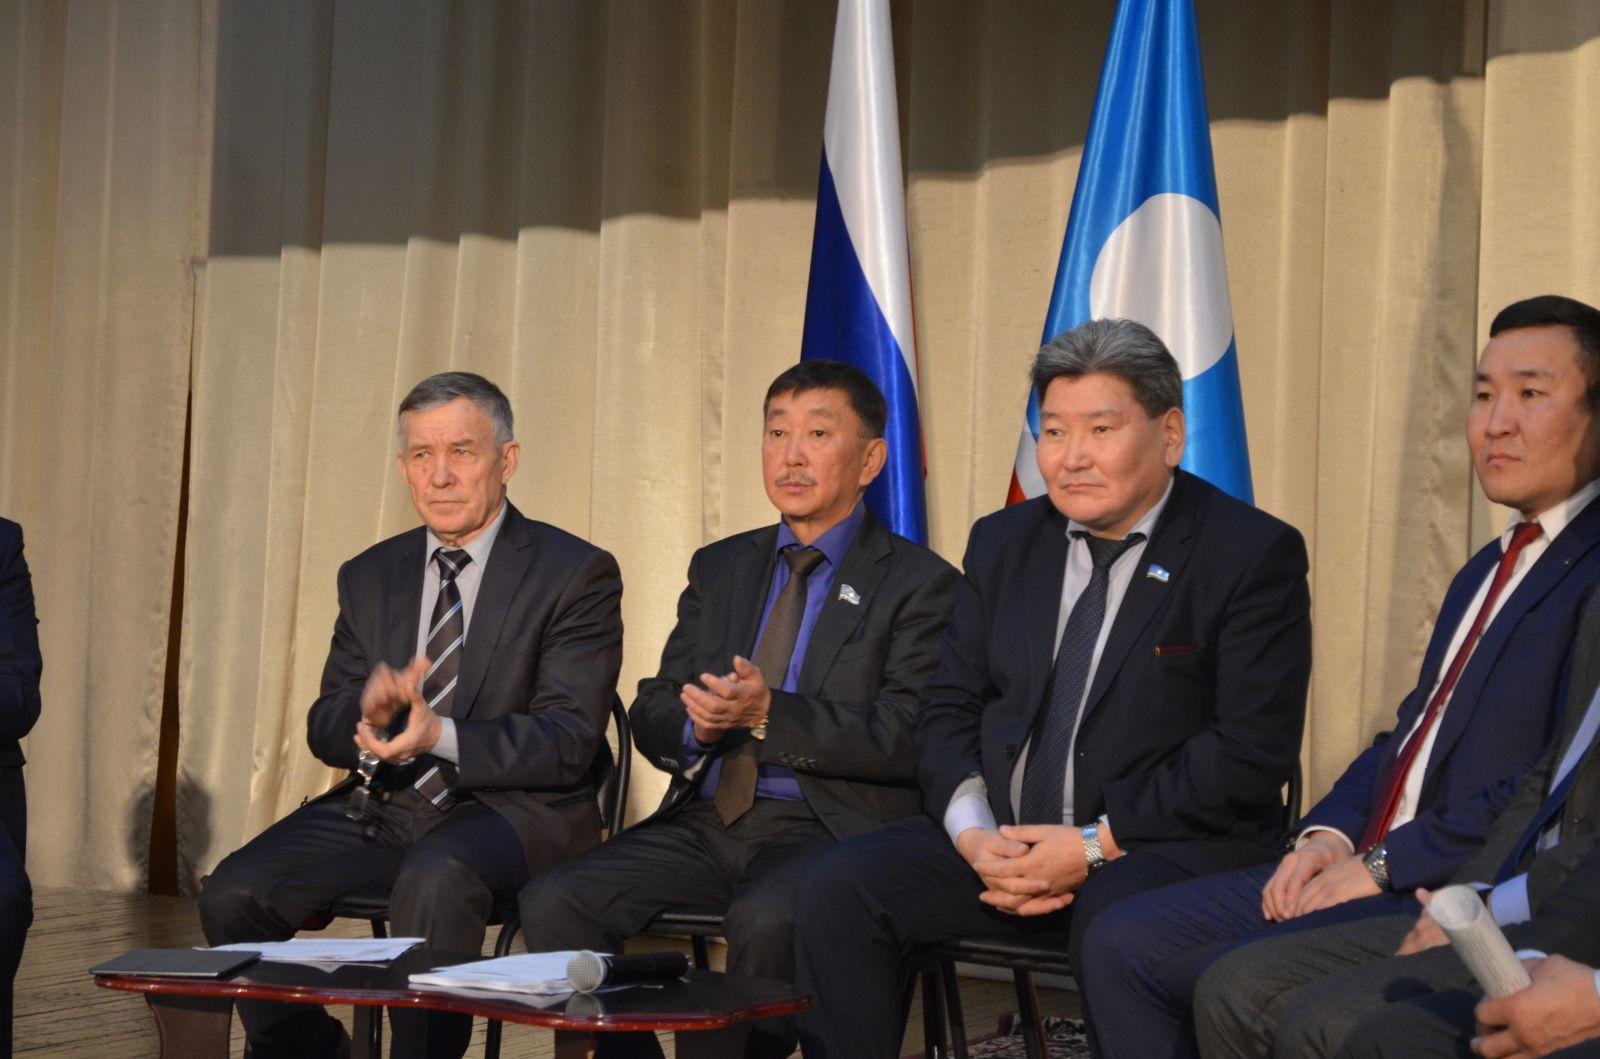 Депутаты Якутской городской думы приняли участие  в зональном семинаре Центральной группы улусов РС (Я)